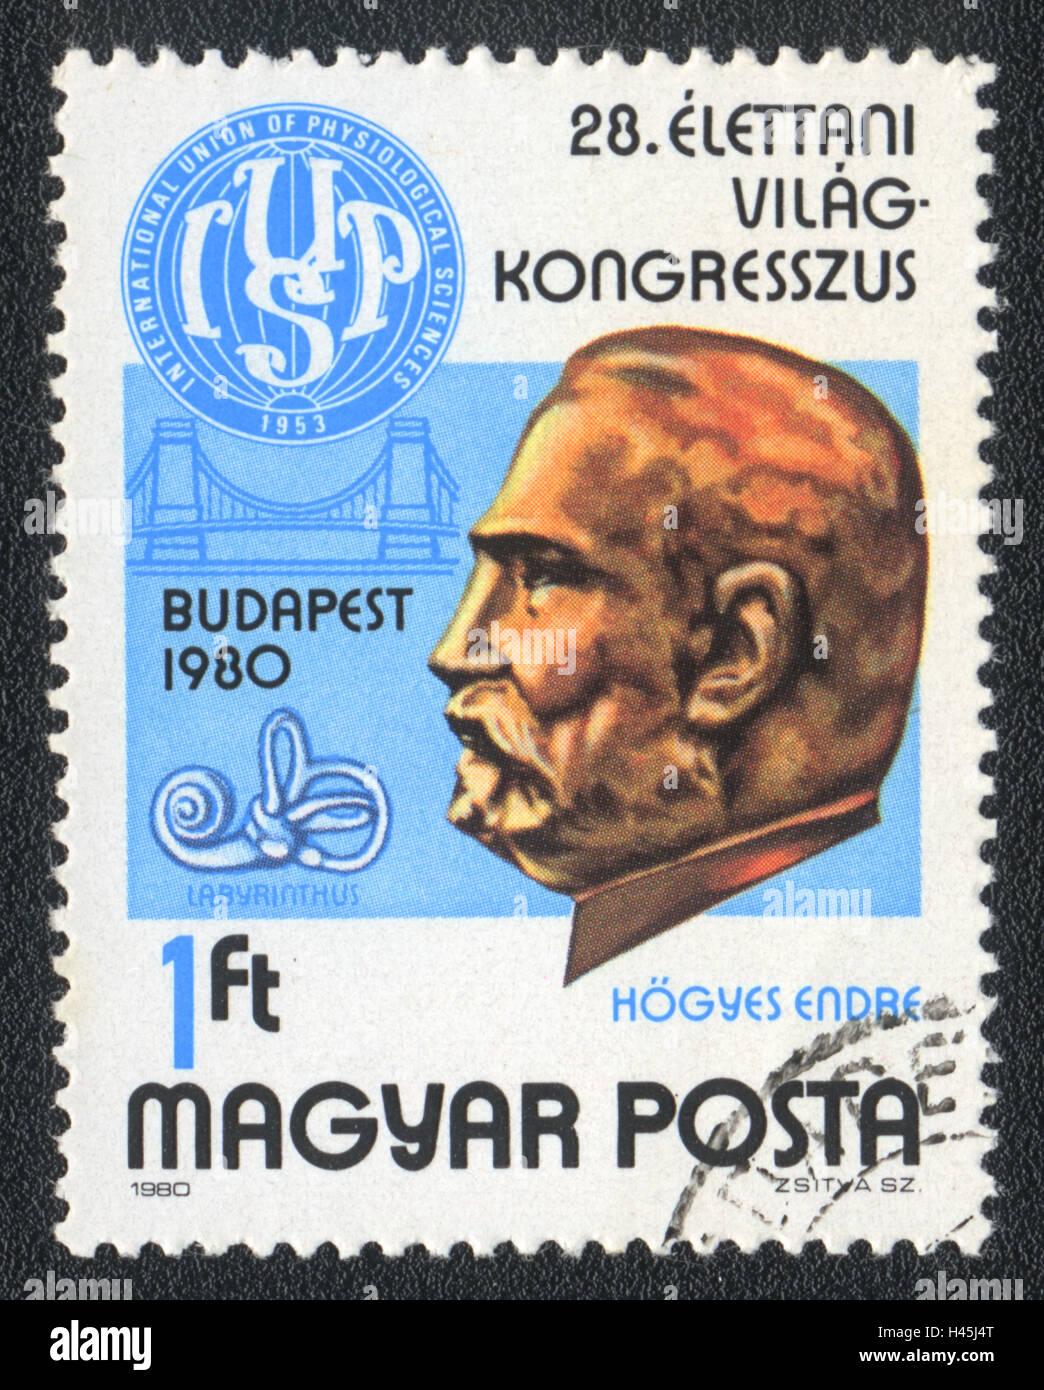 Eine Briefmarke gedruckt in Ungarn zeigt 28. internationalen Kongress der physiologischen Wissenschaften, 1980 Stockbild